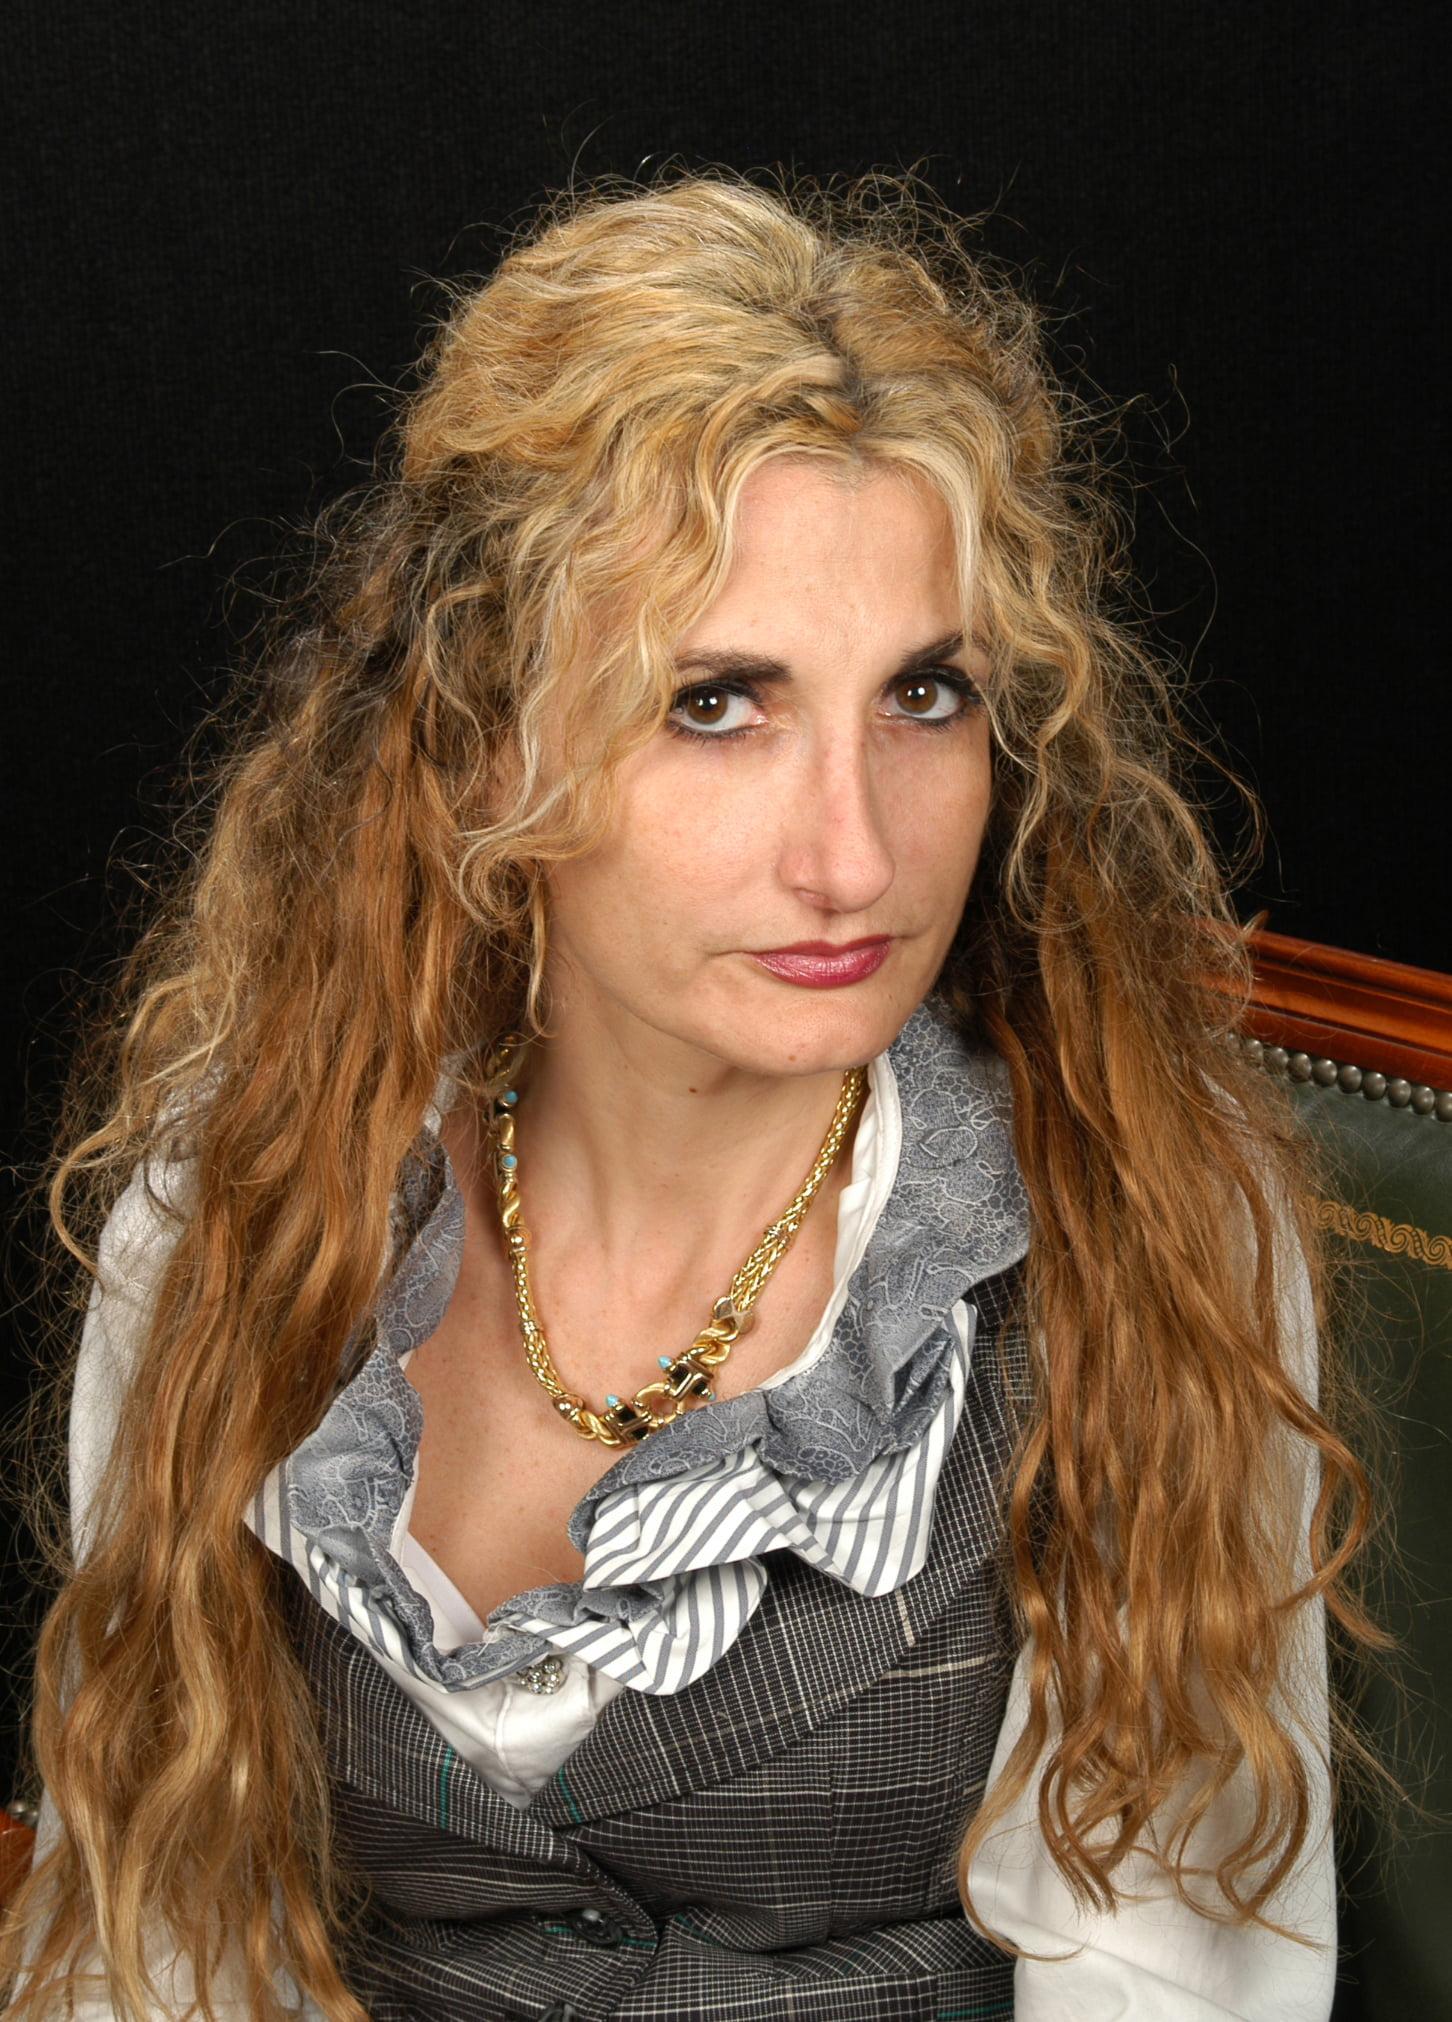 Dra. Marina Roustan